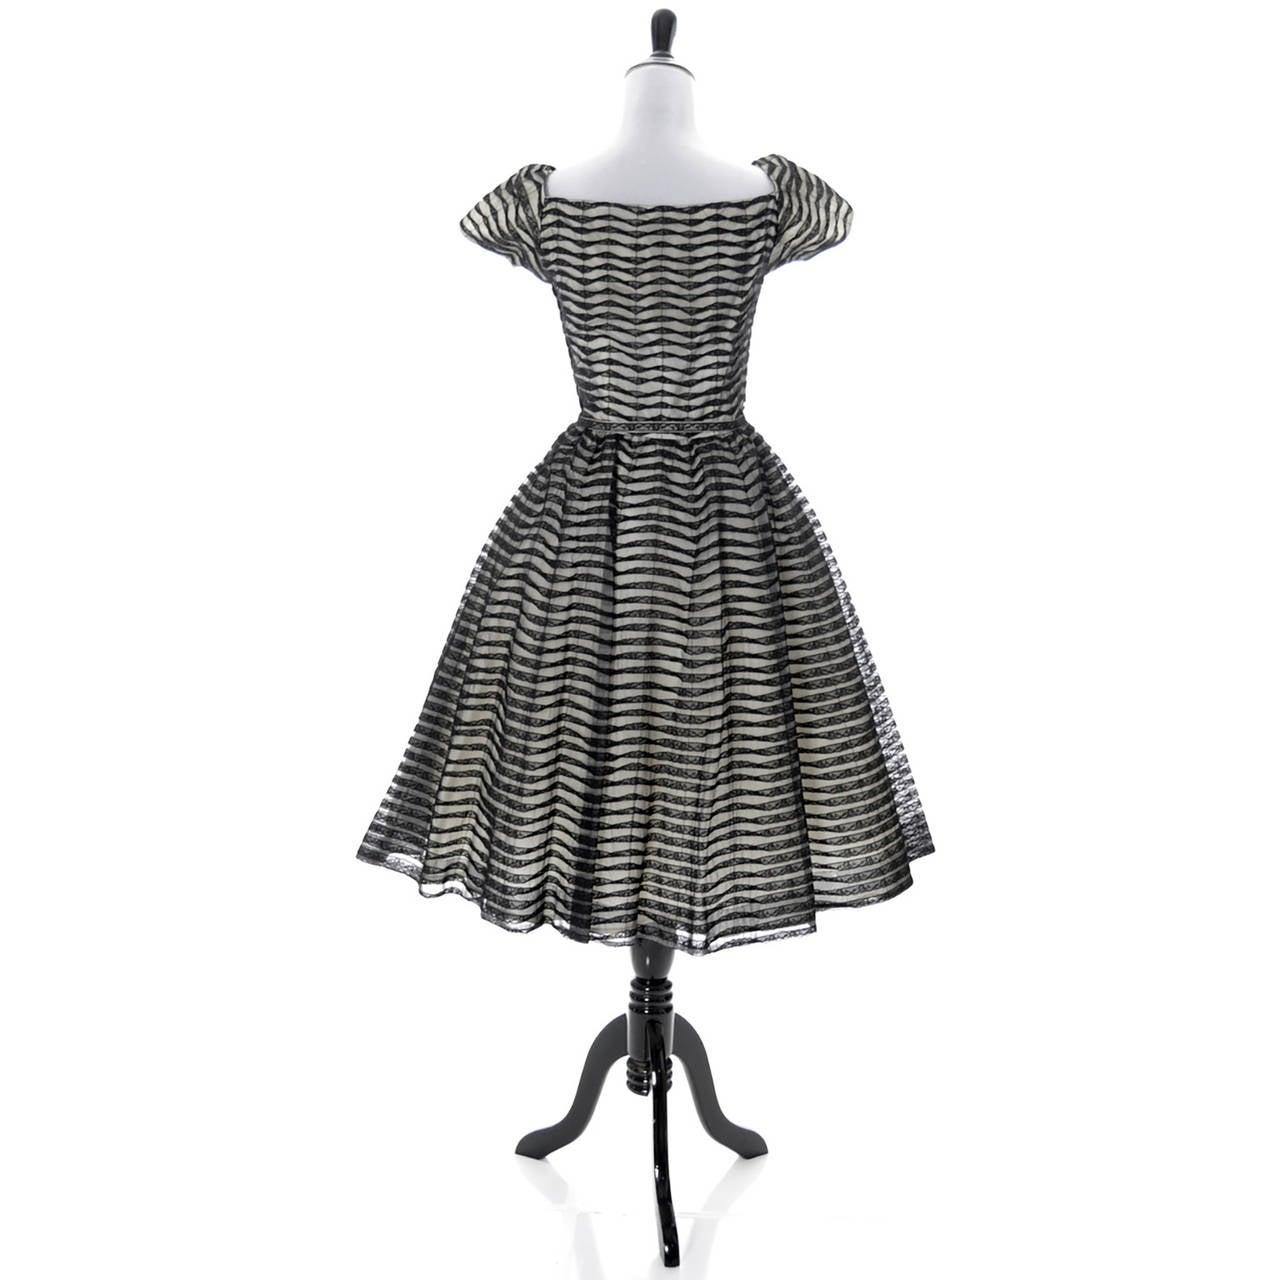 Ceil Chapman 1950s Vintage Dress Lace 50s Party Full Skirt 1950s  3